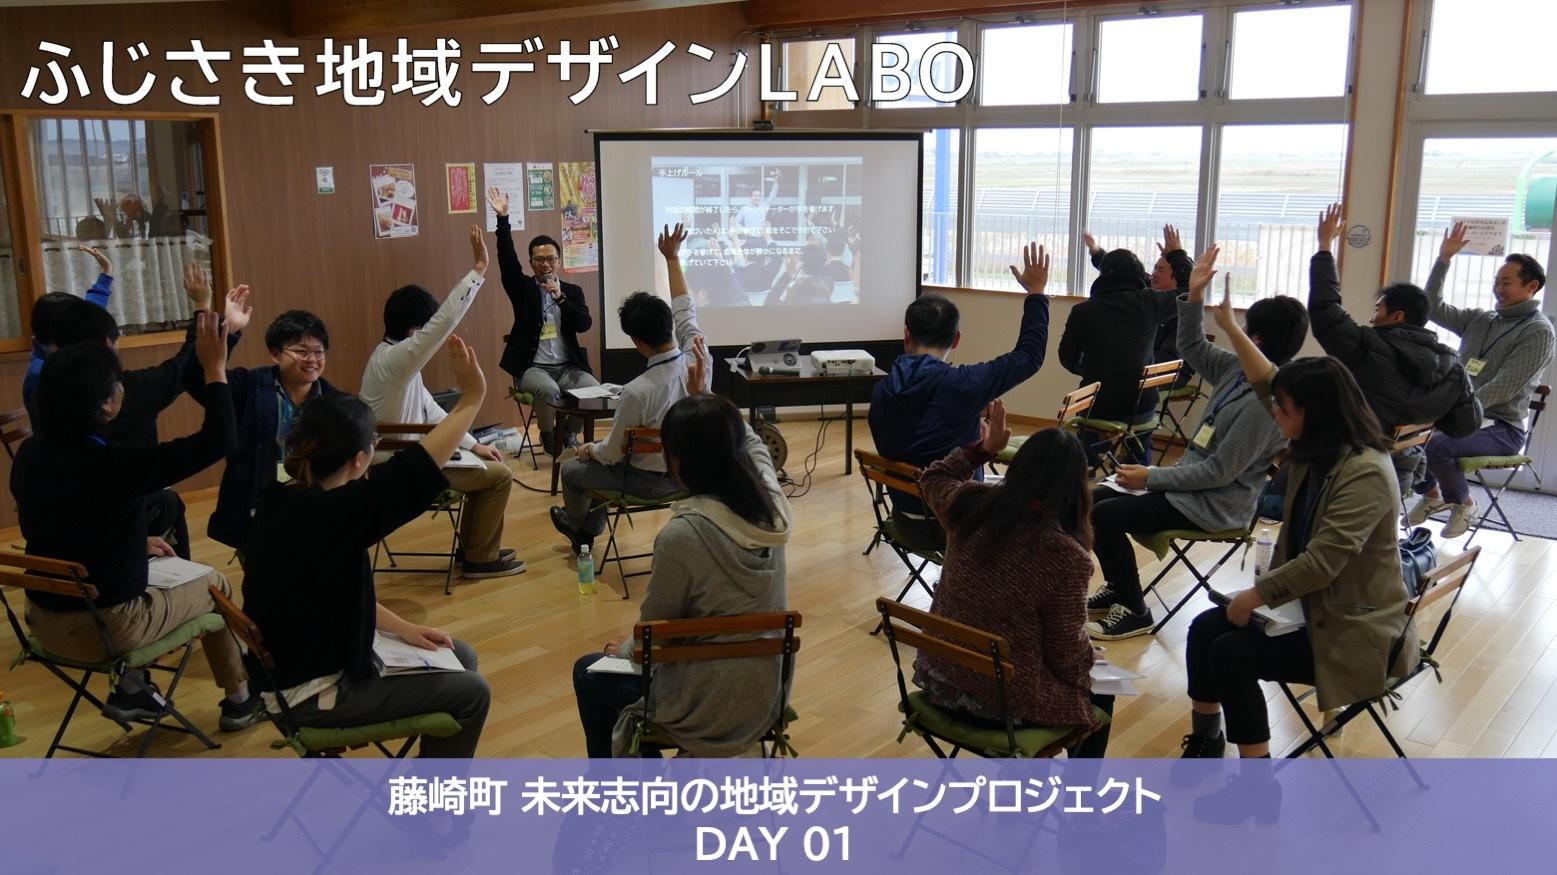 【藤崎町 未来志向の地域デザインプロジェクト 2019】ファシリテーター講座 DAY01